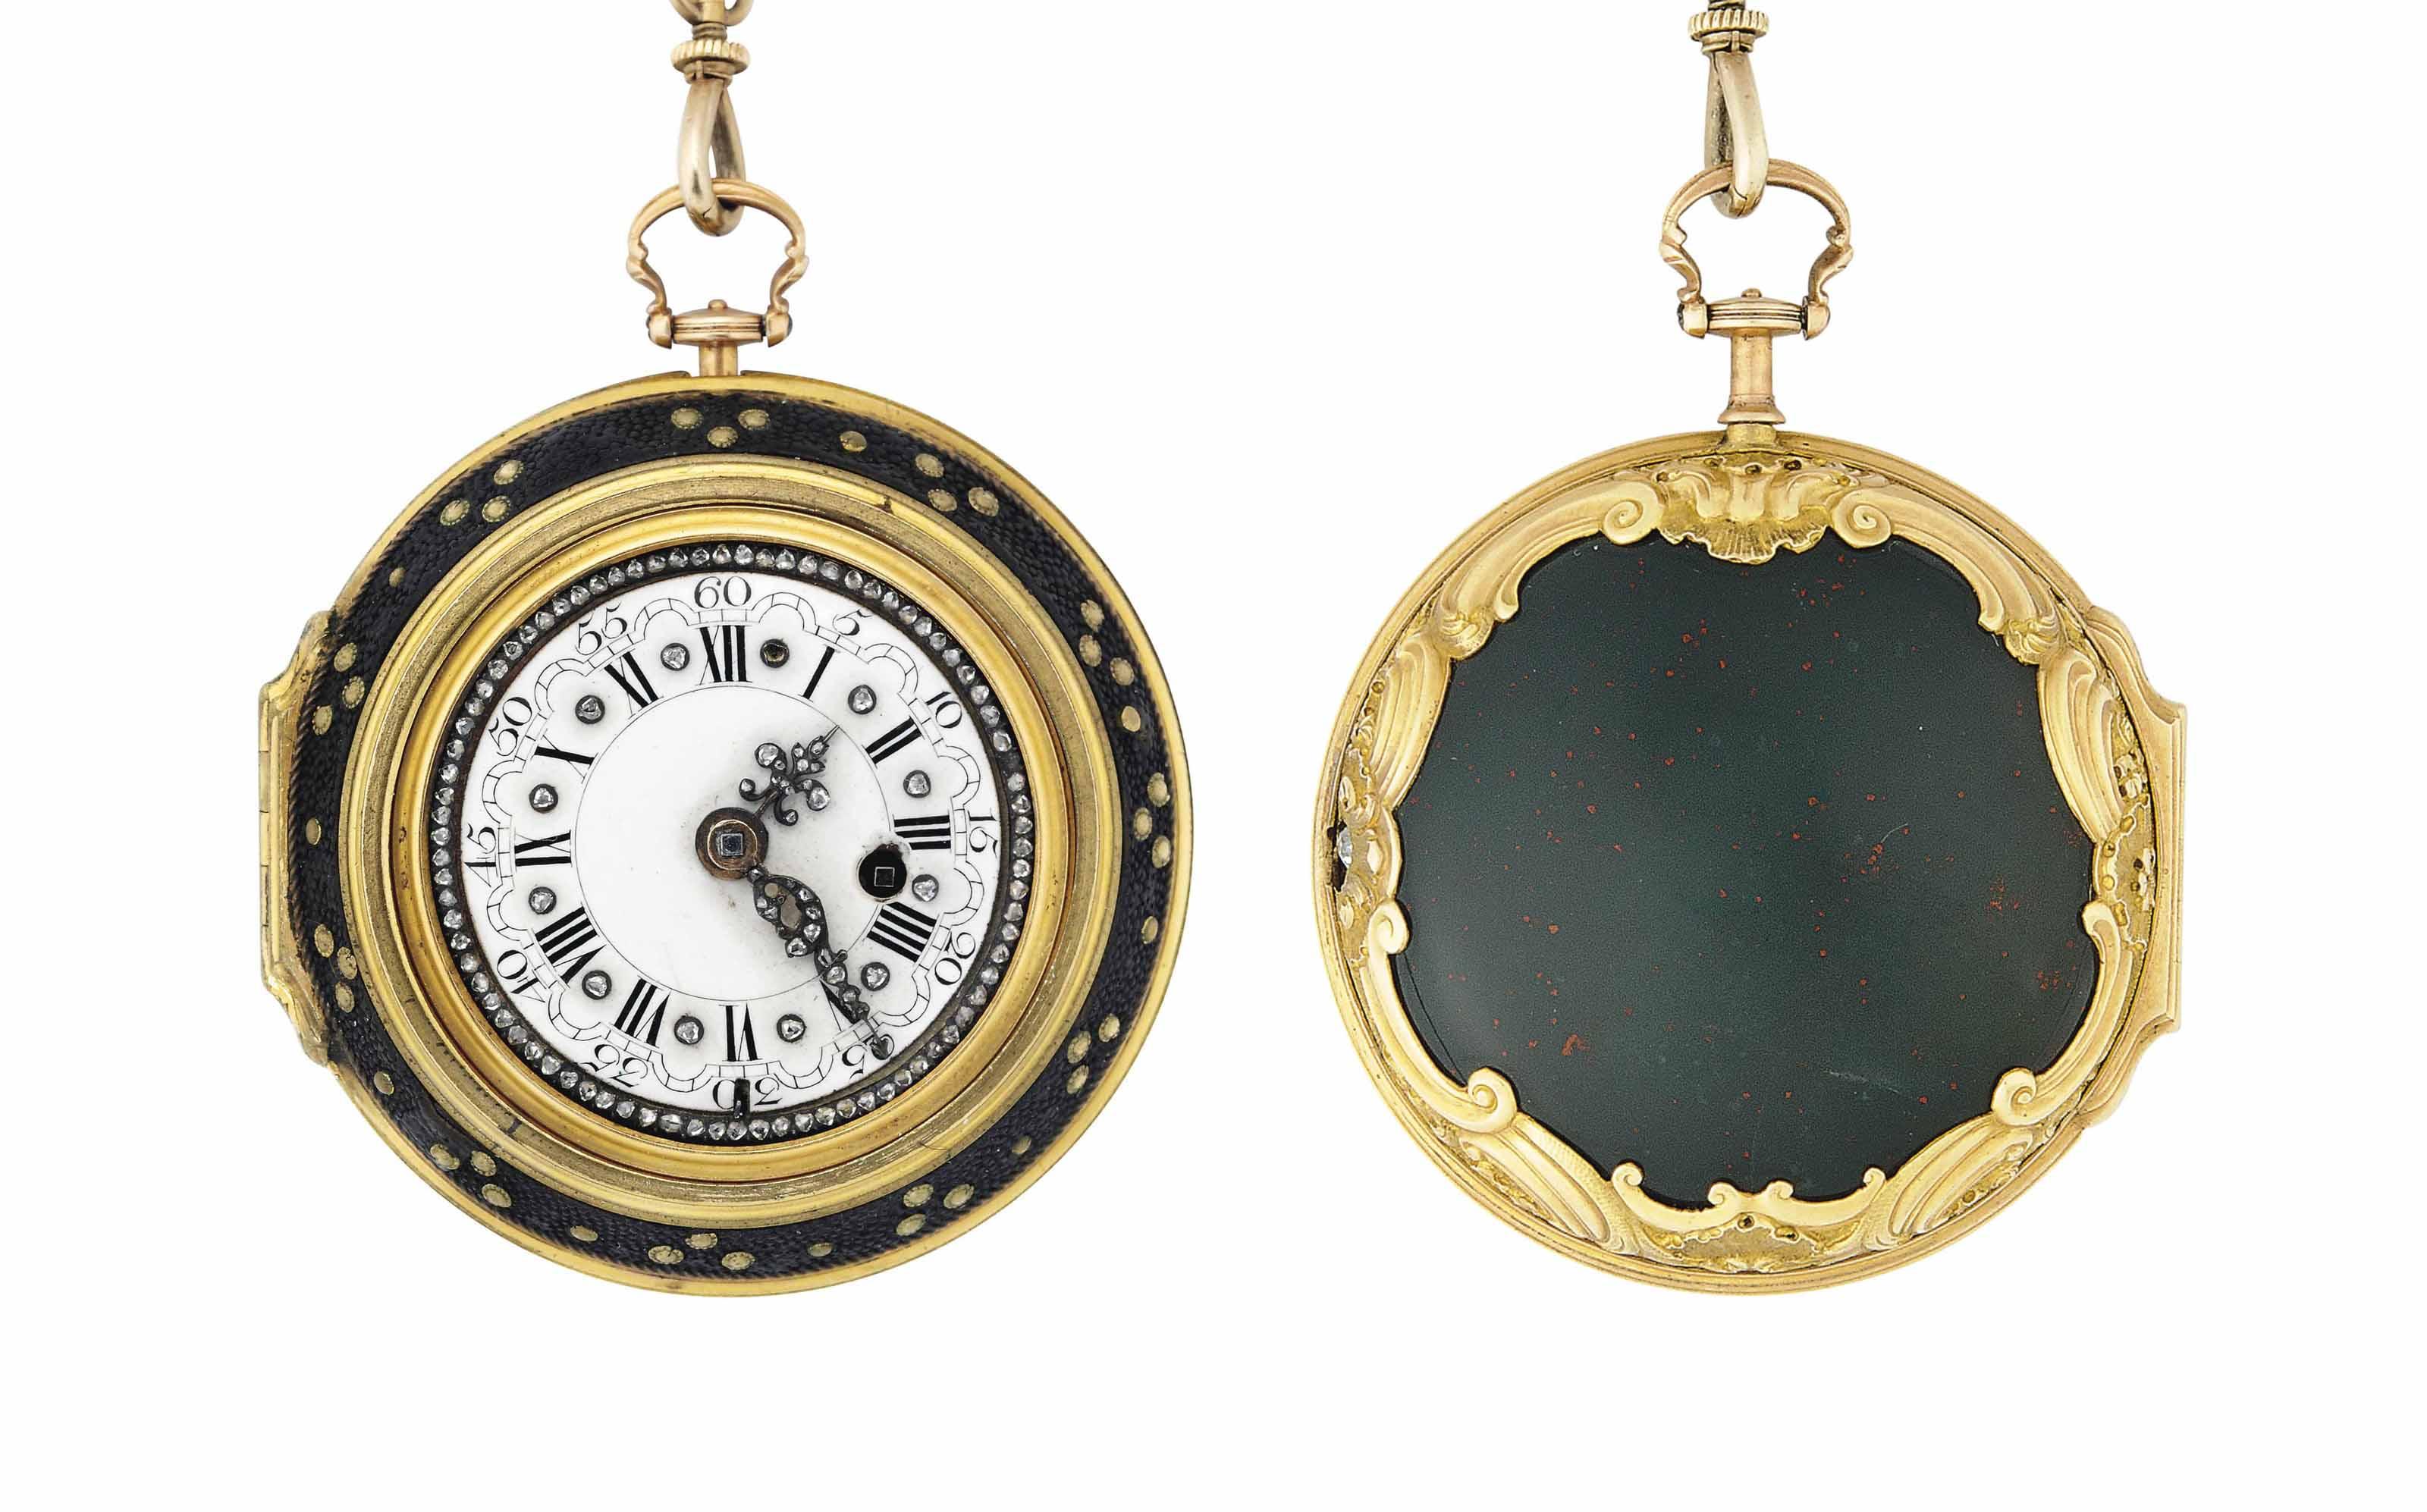 An 18th century gold, diamond